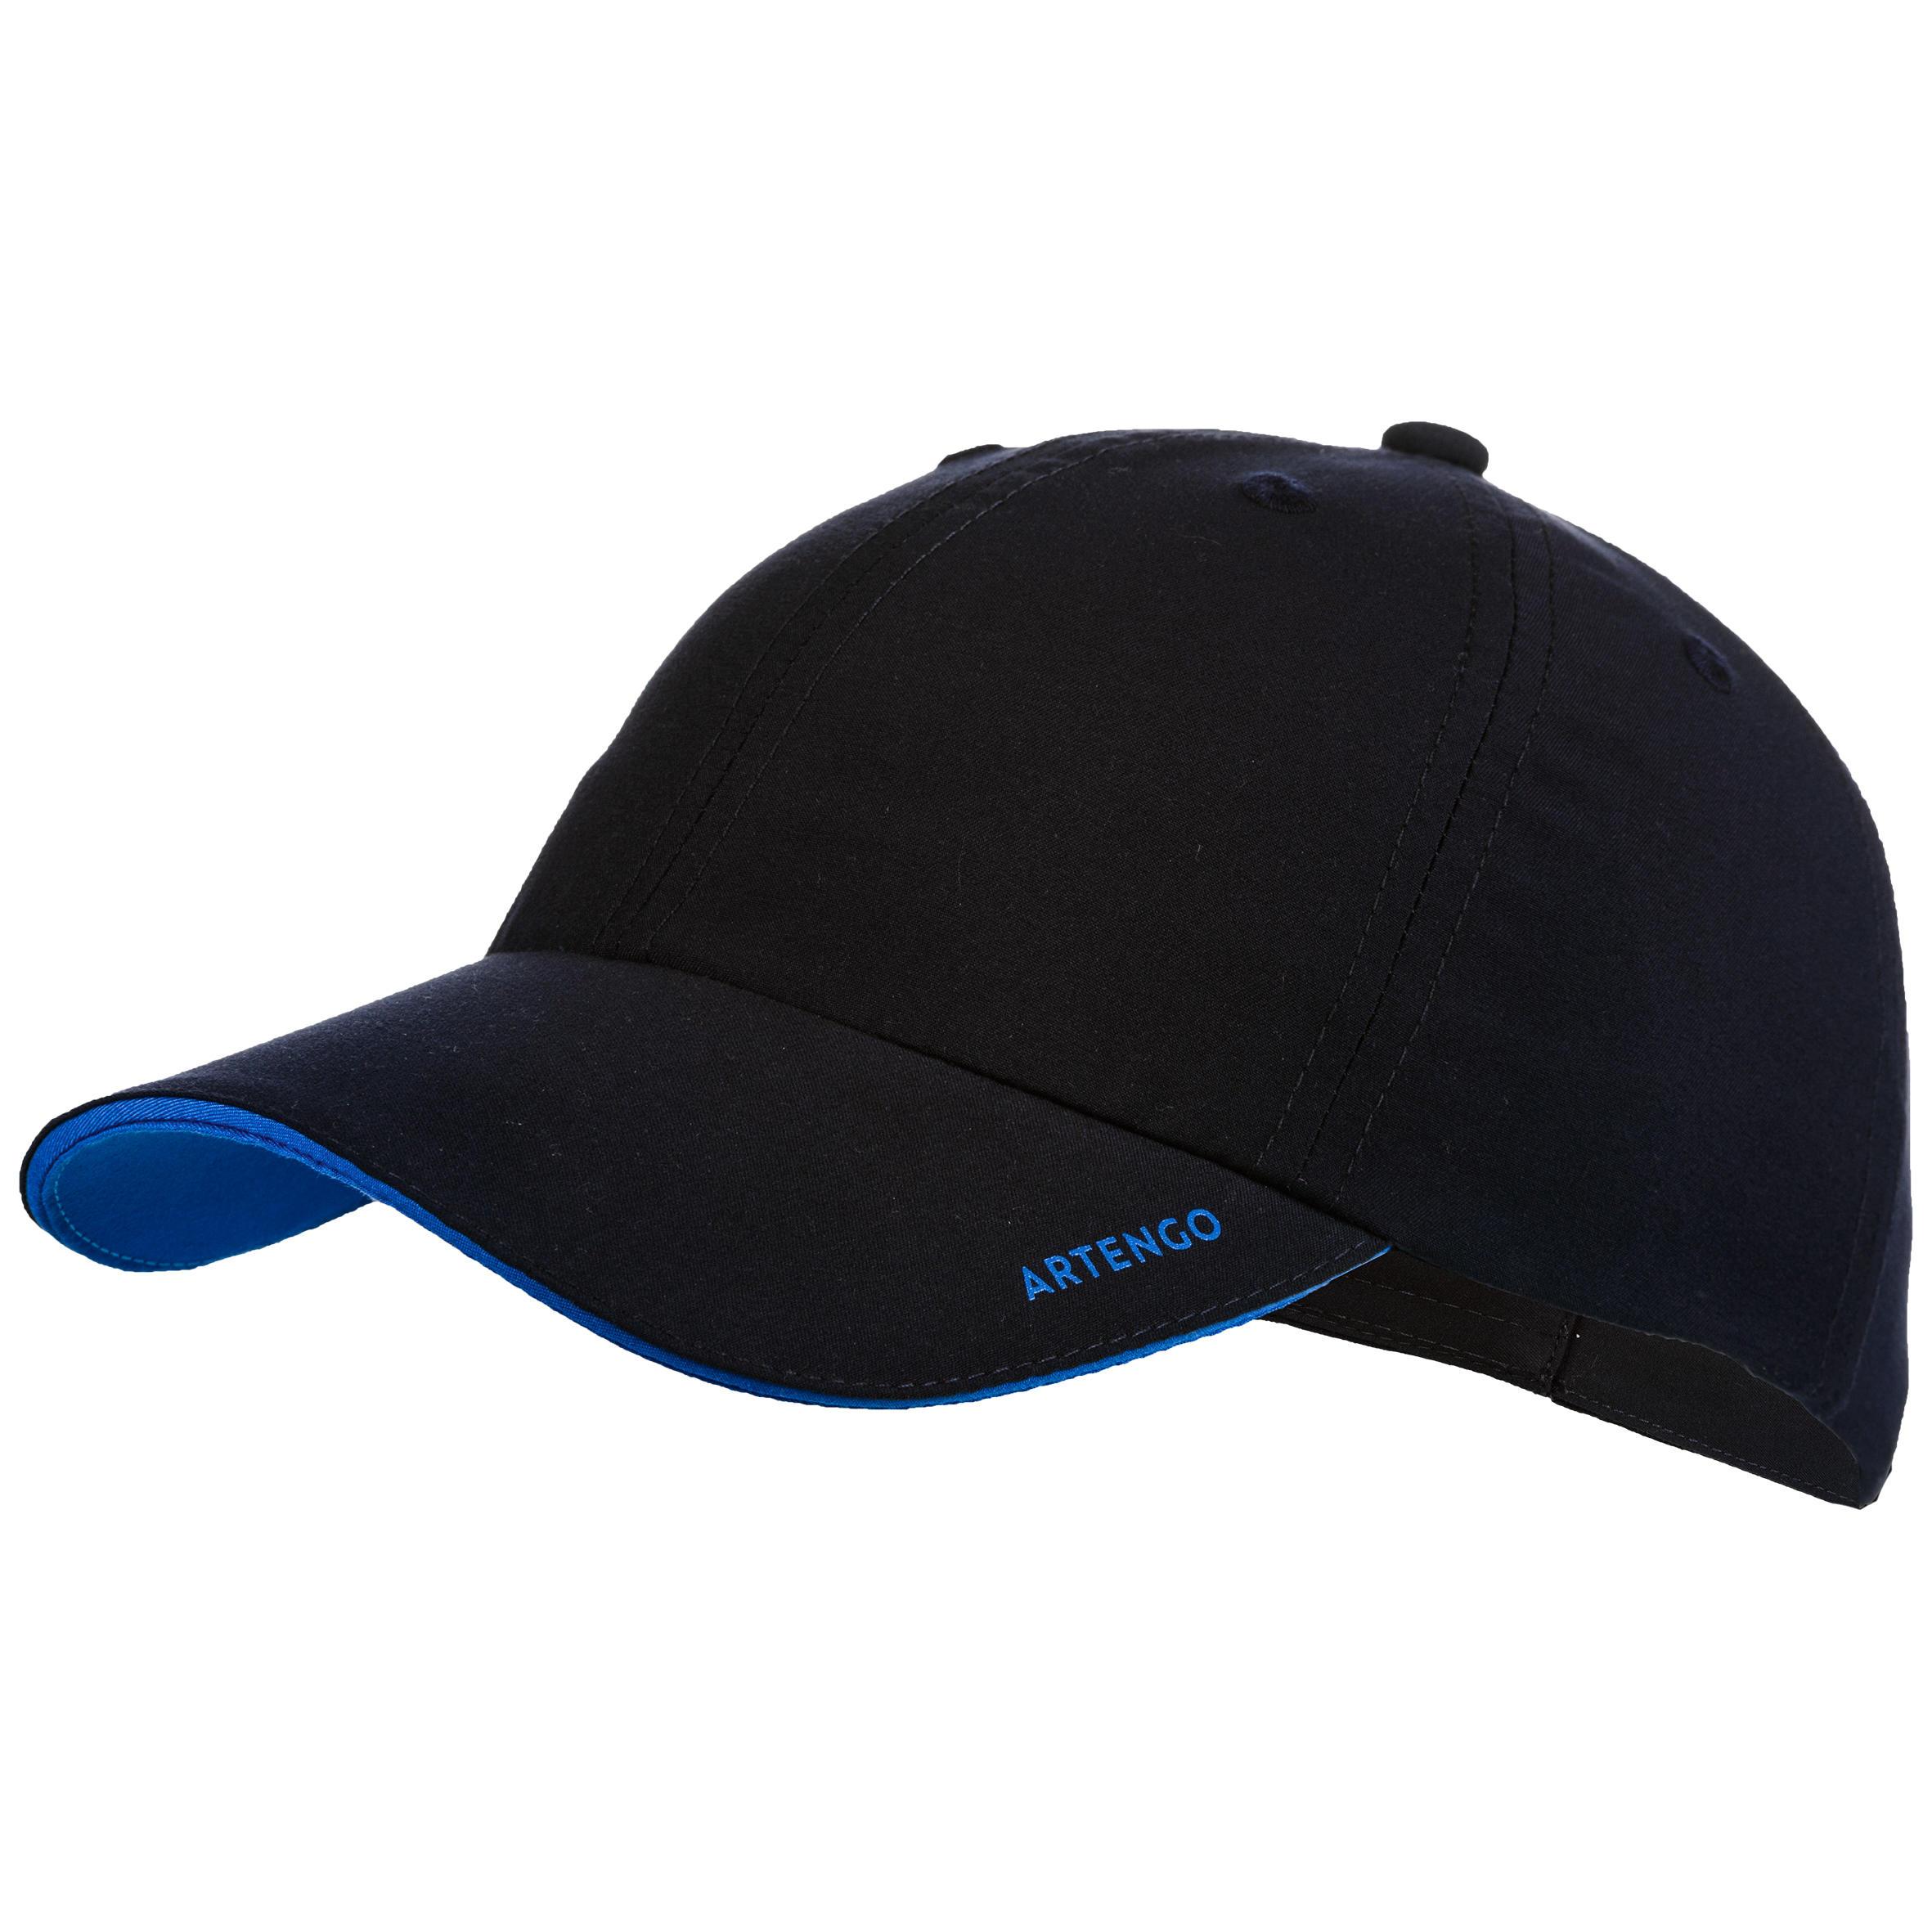 หมวกเพื่อการเล่นกีฬ...